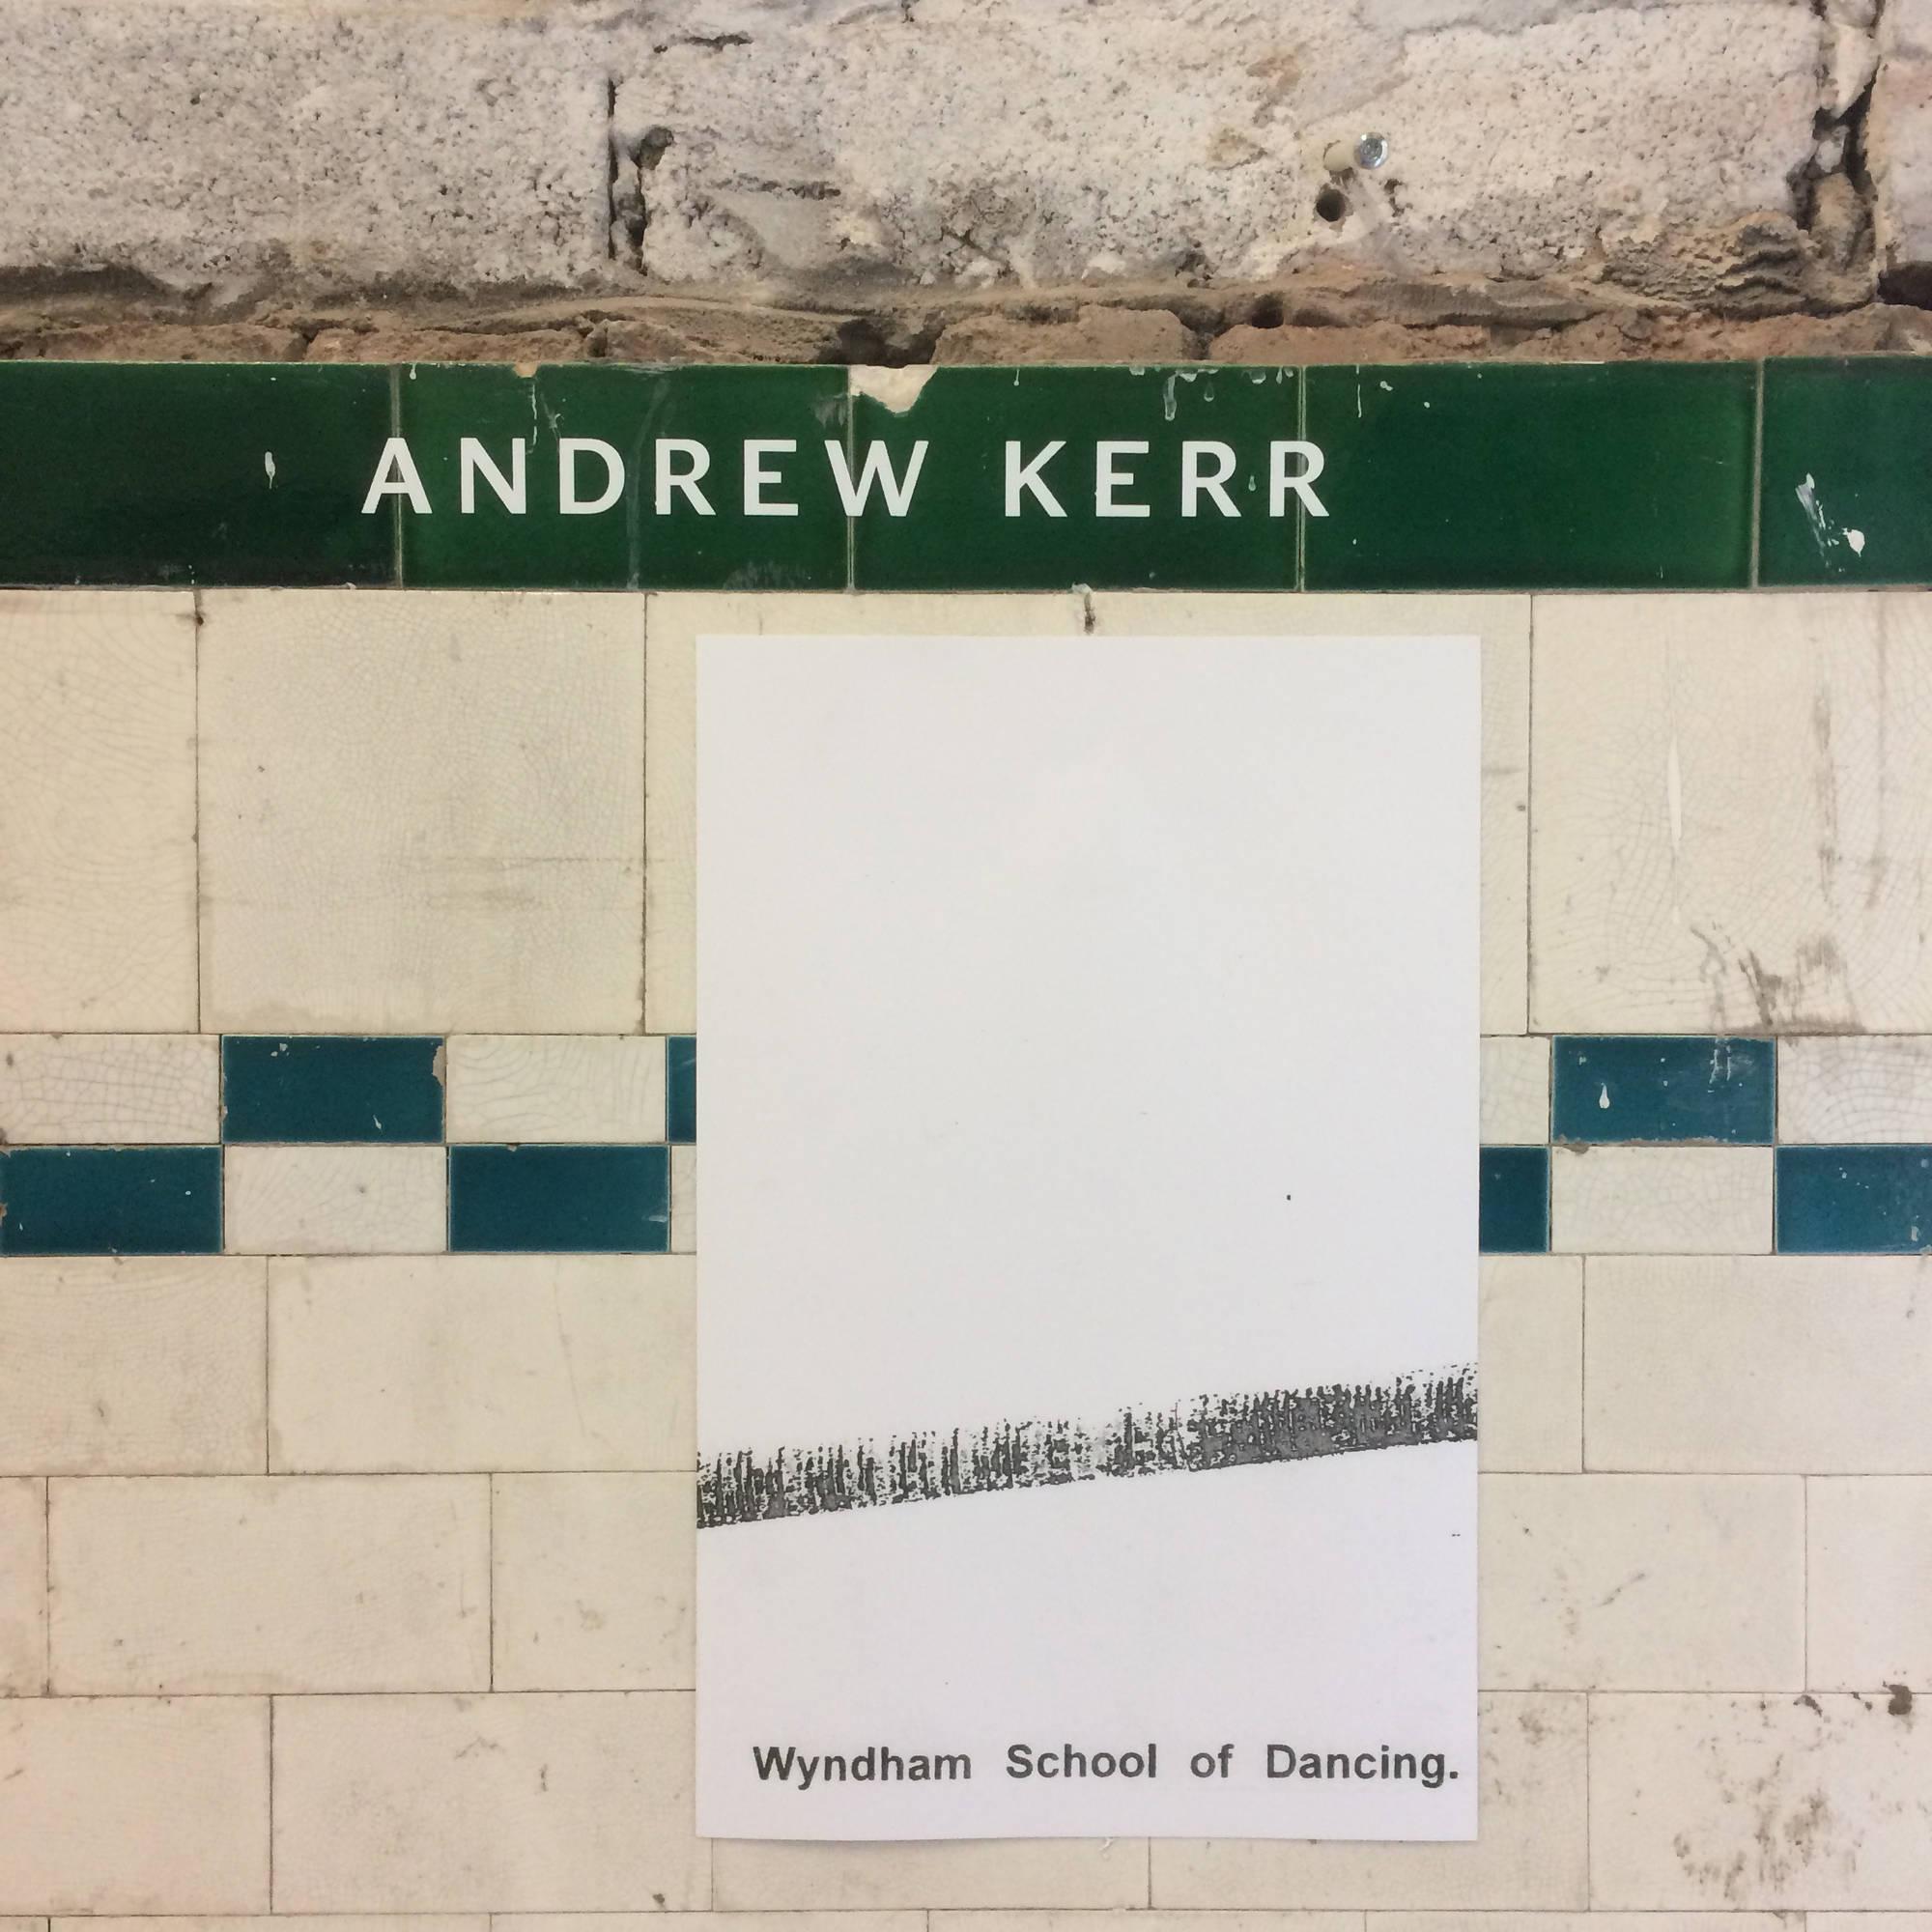 Andrew Kerr 'Wyndham School of Dancing'